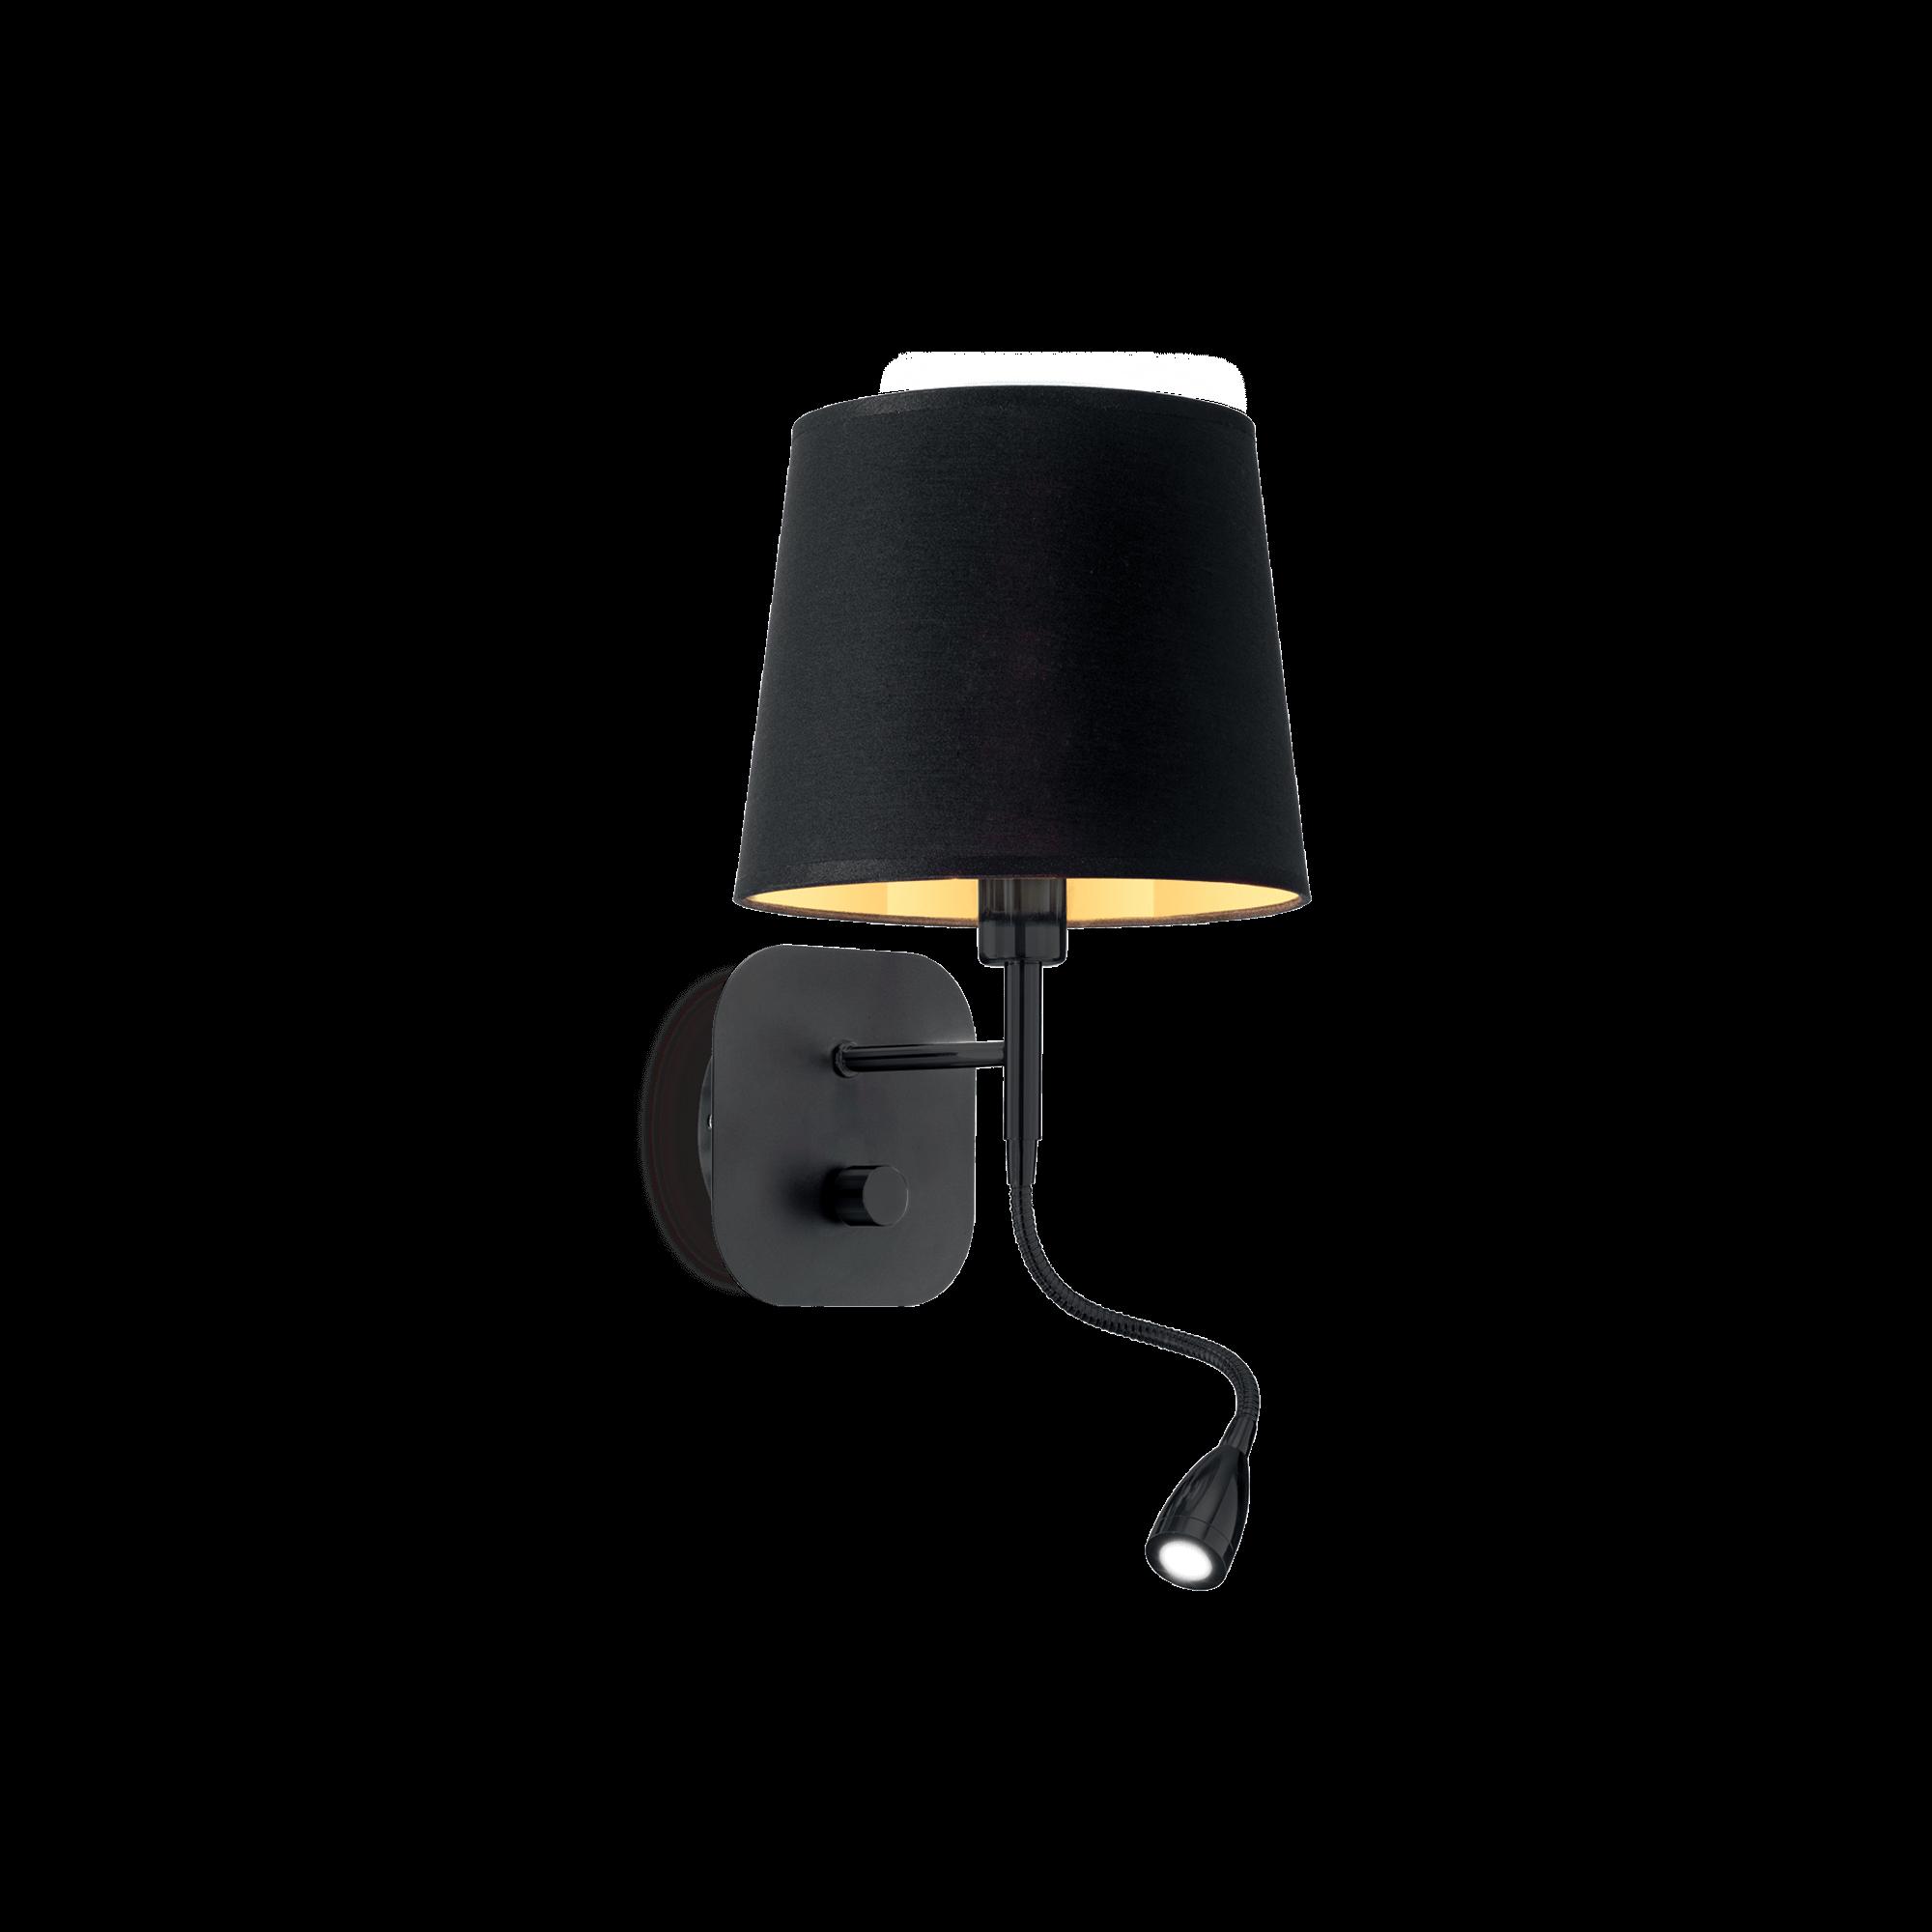 Ideal Lux 158242 NORDIK AP2 falikar lámpa